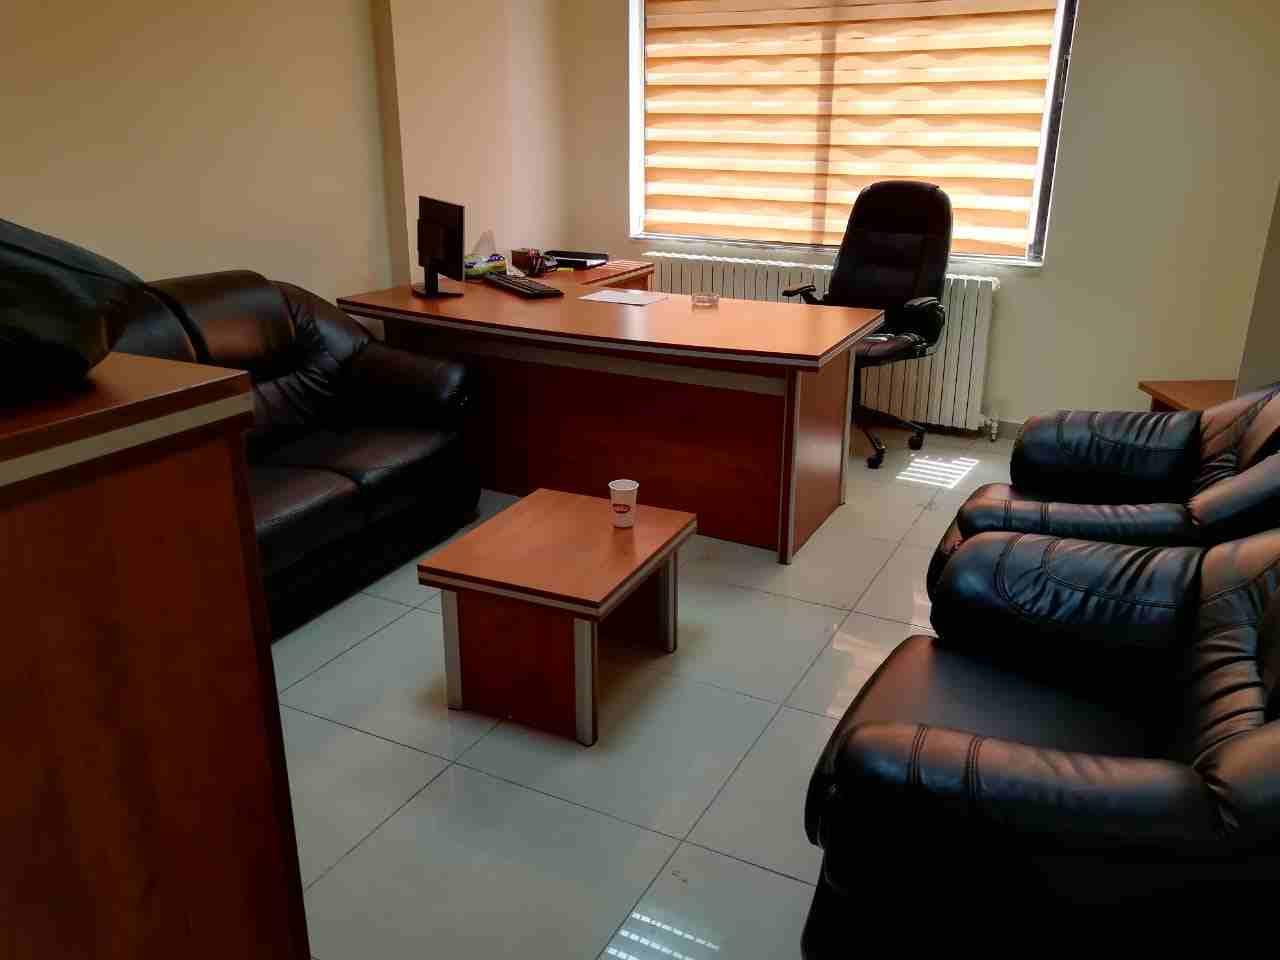 شراء المكاتب والكراسي والمكيفات بافضل...